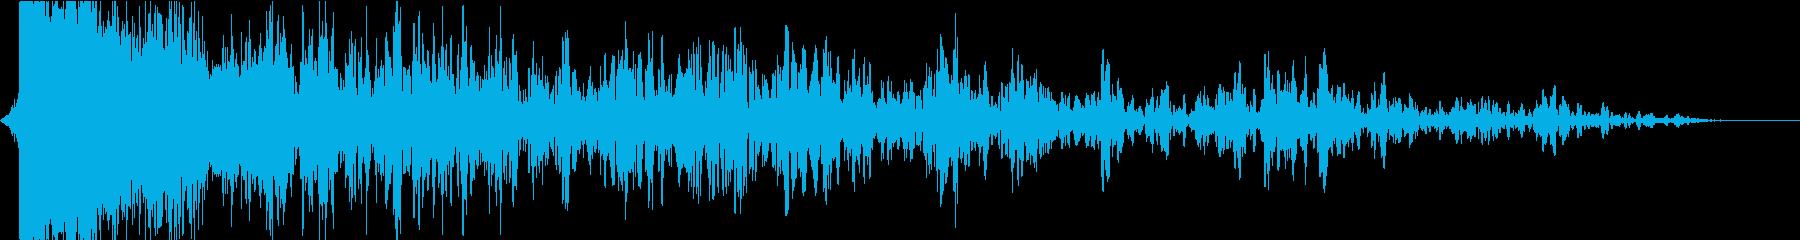 雷03の再生済みの波形